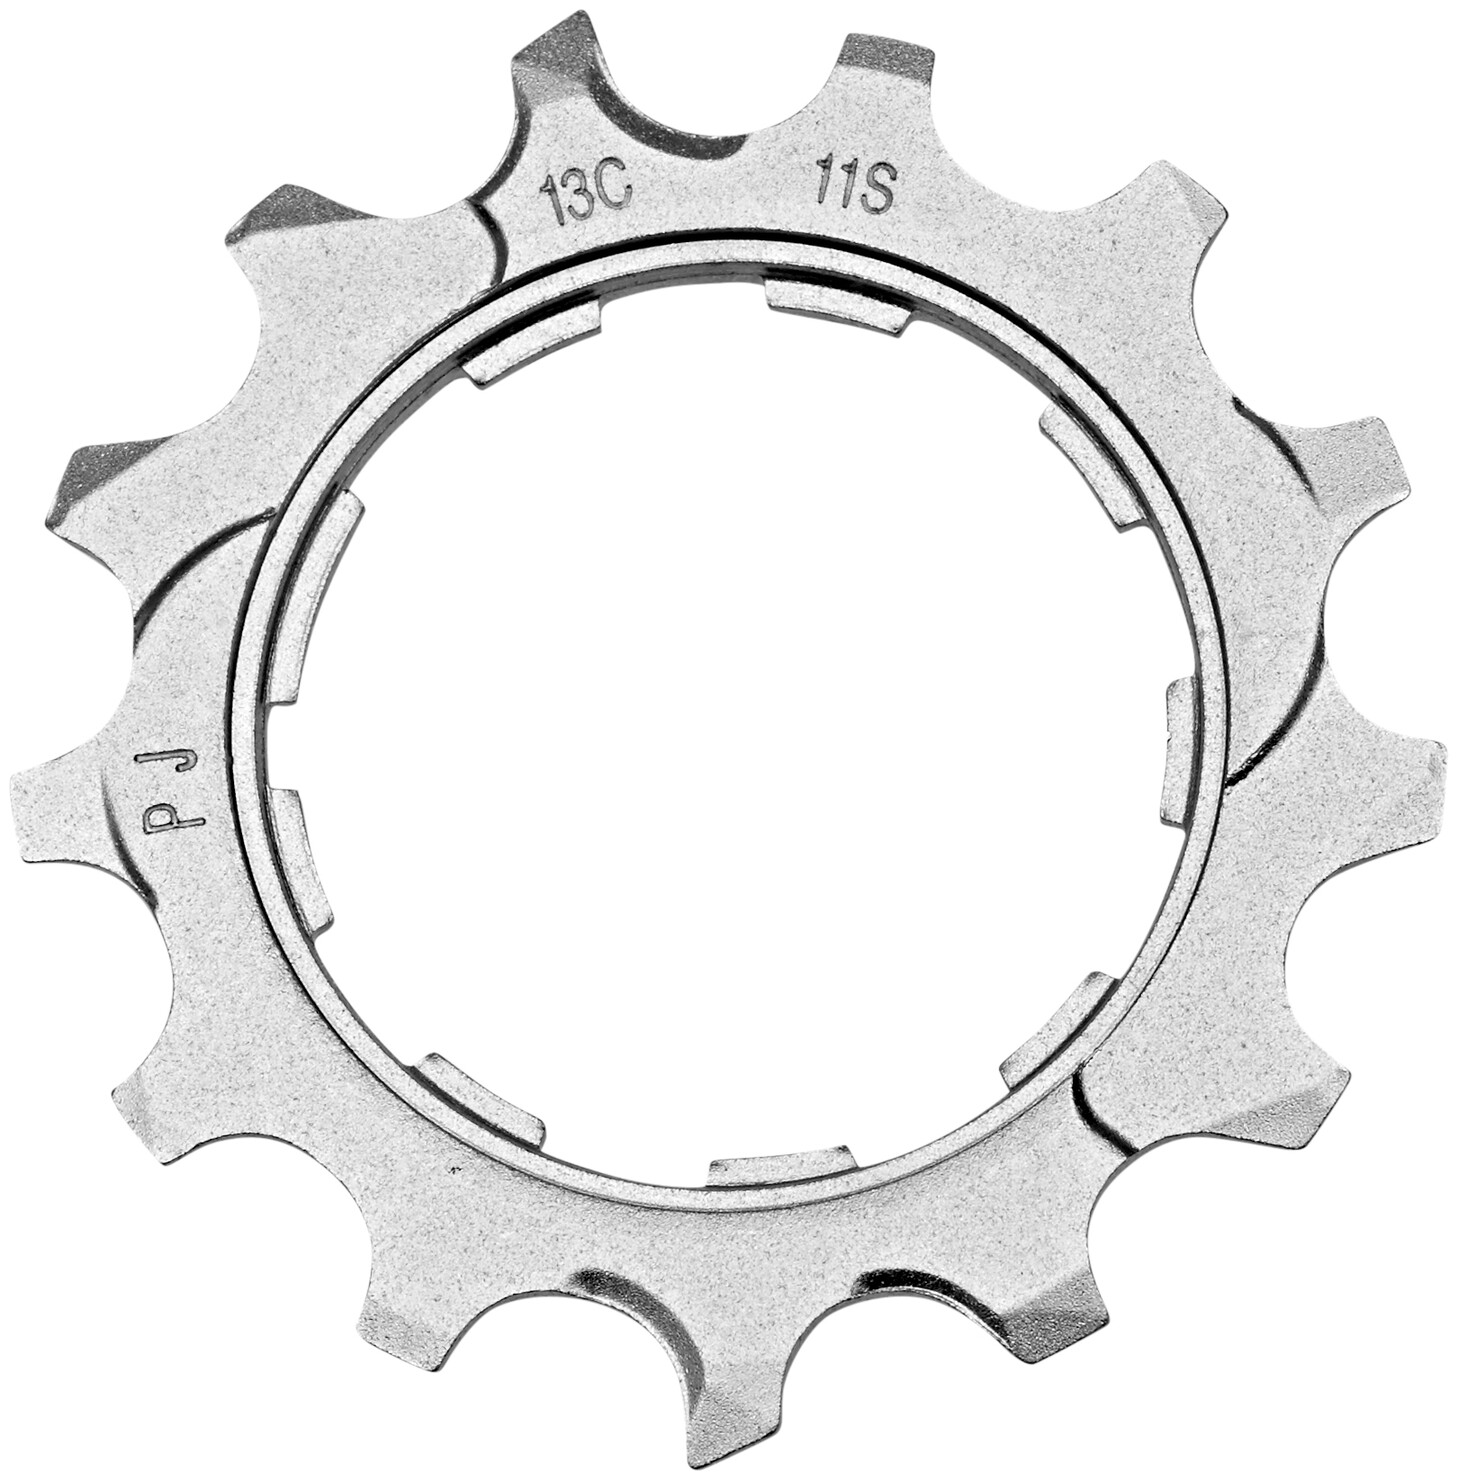 Shimano med afstandsring CS-M8000 med afstandsring CS-M8000 | Freewheels